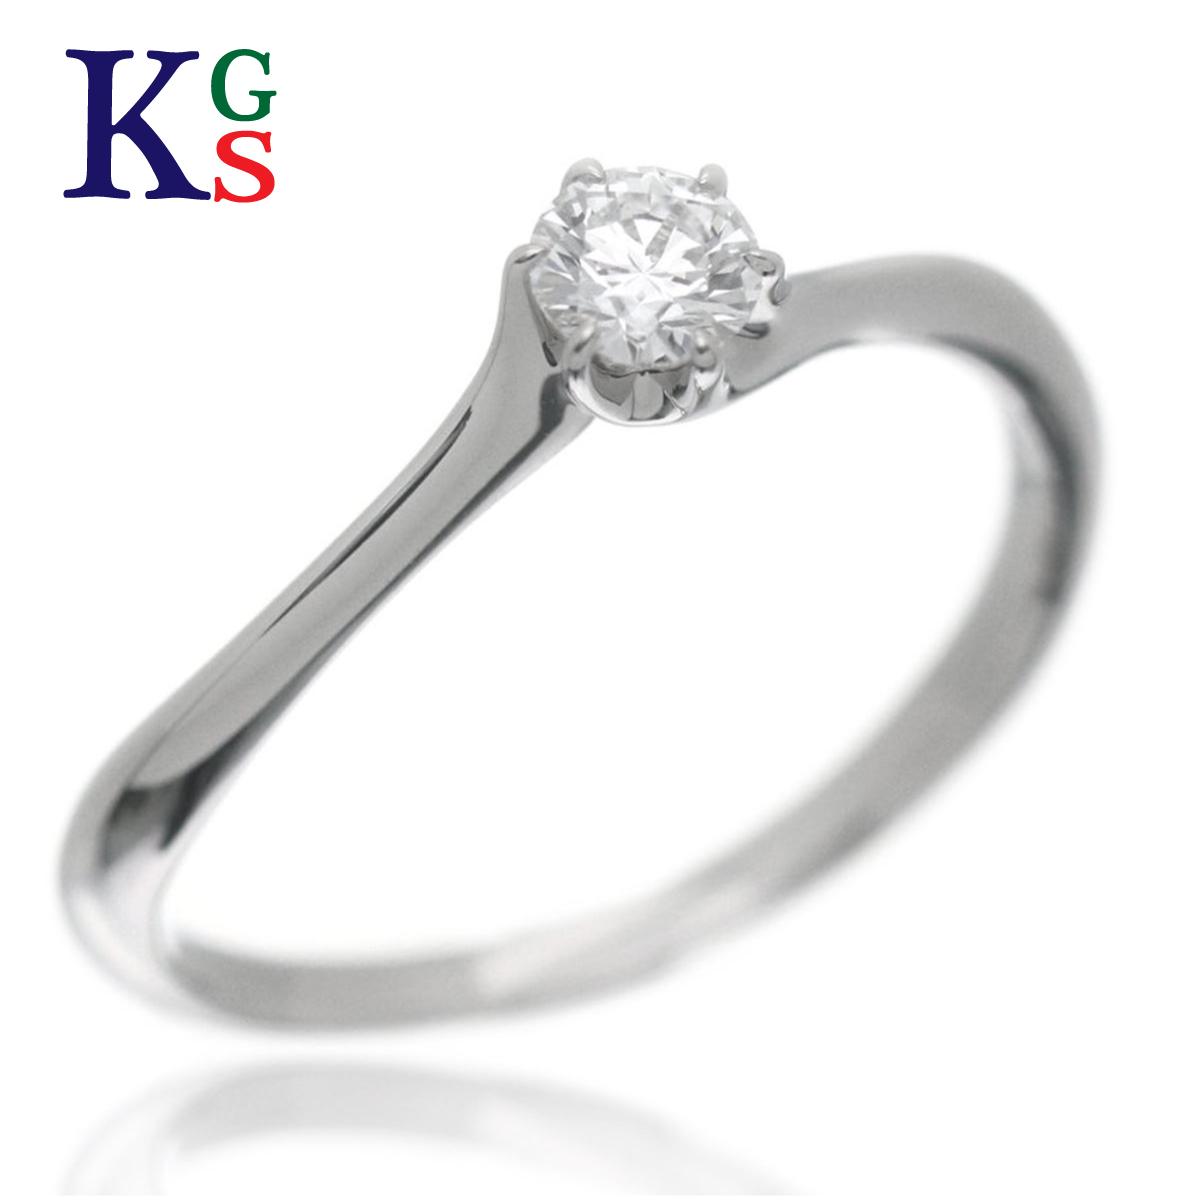 【ギフト品質】【0.161ct】スタージュエリー/Star Jewelry Stream Setting エンゲージリング ソリティアリング 1Pダイヤ Pt950 婚約指輪